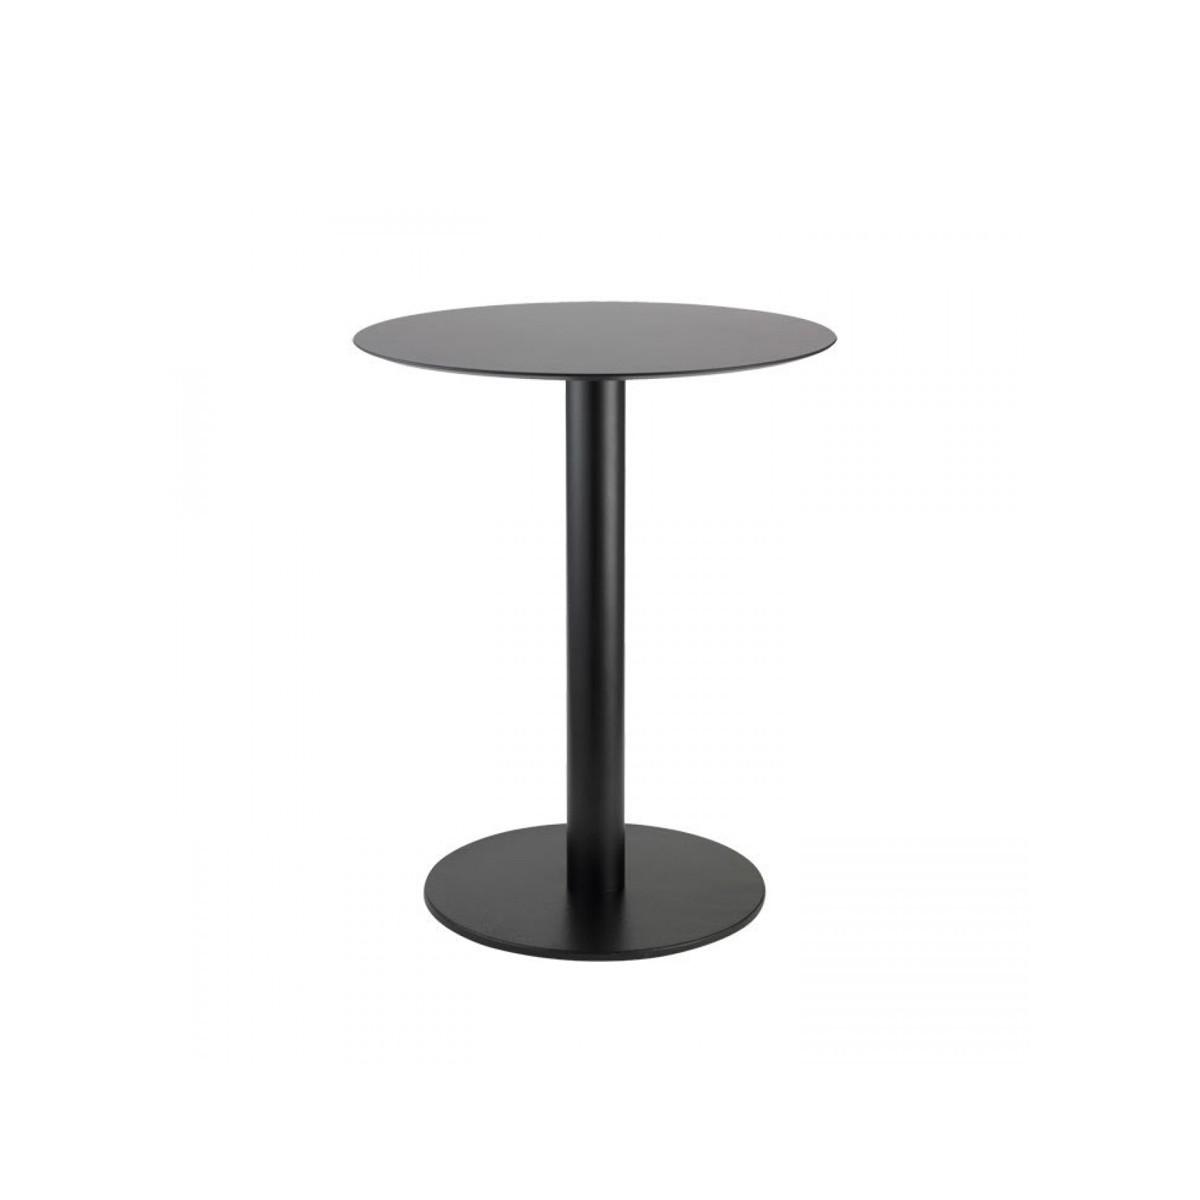 Art.TV06 - Tavolino con piano tondo, disponibile in diverse finiture. (SCAB)